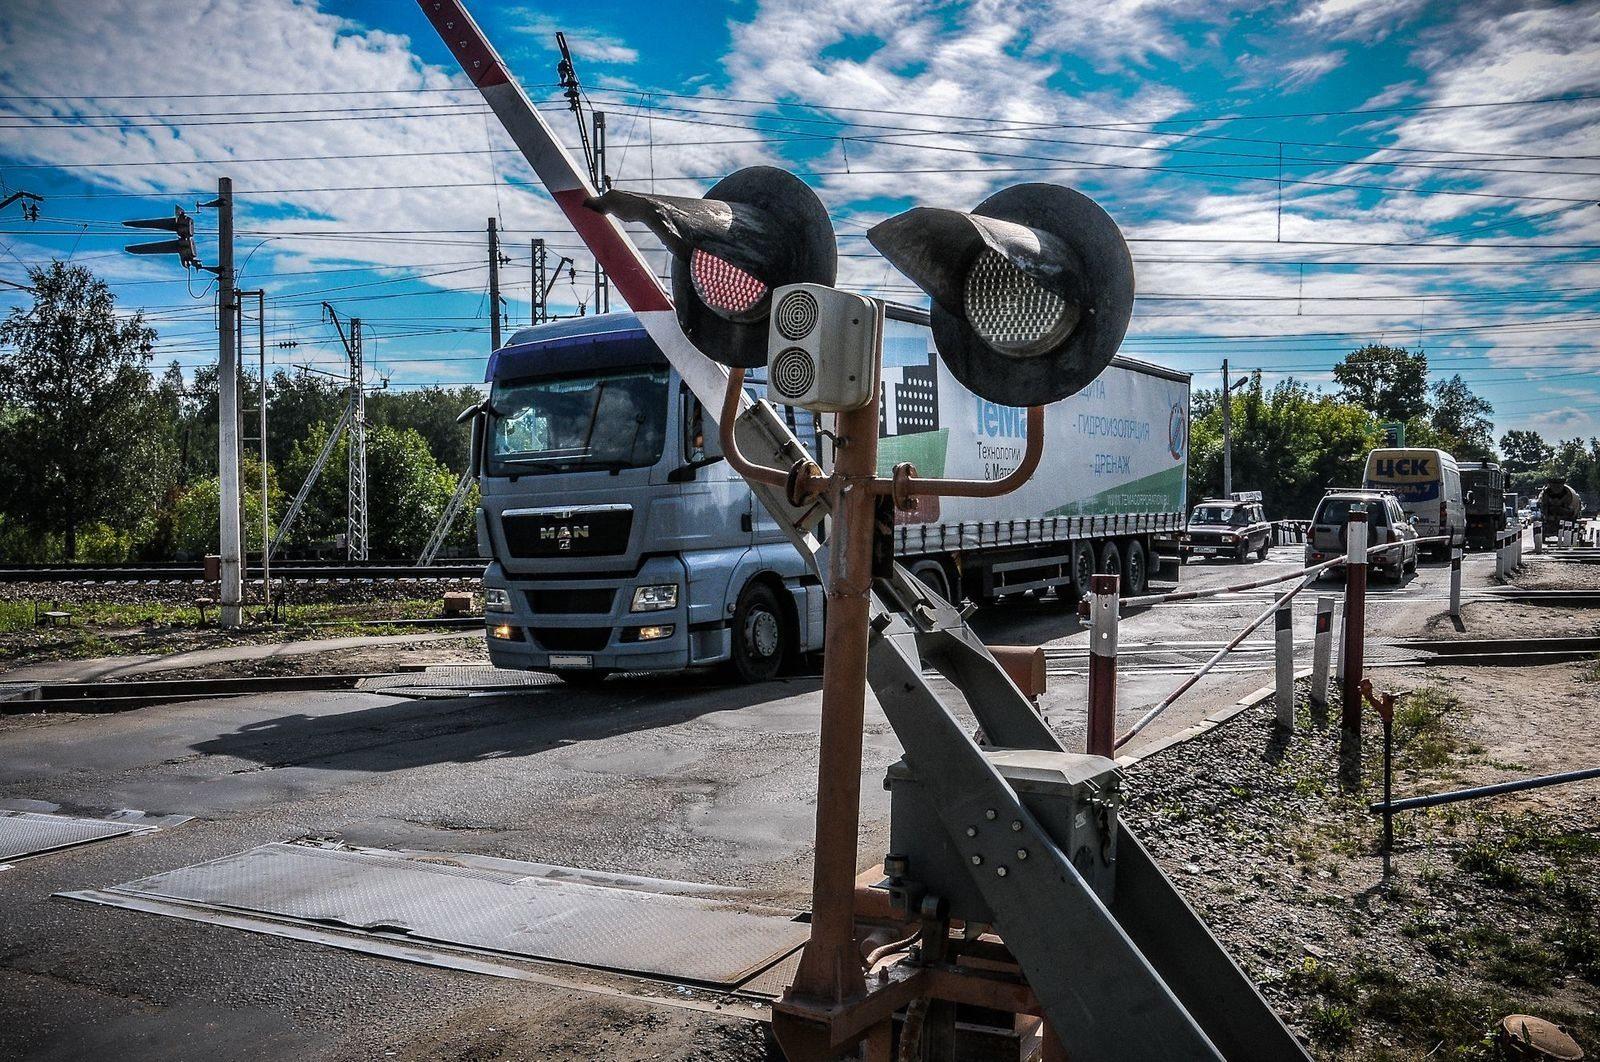 дтп, переезд, железнодорожный